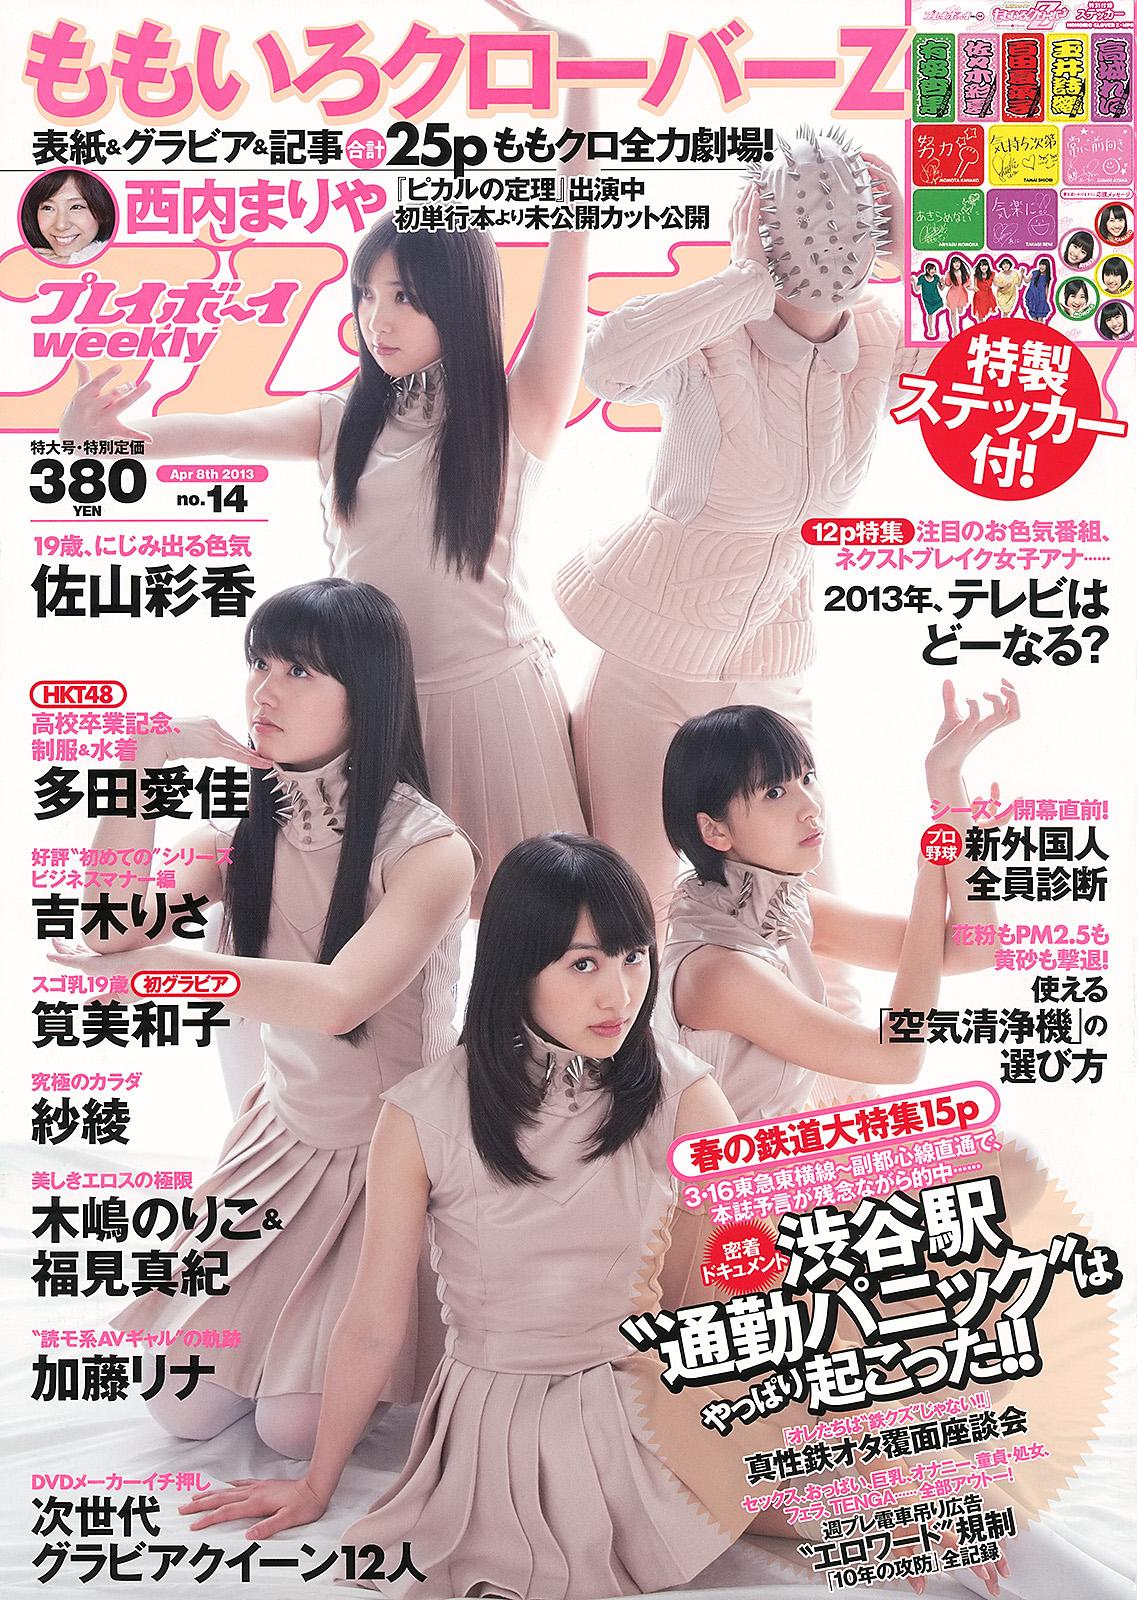 20171214.0420.8 Weekly Playboy (2013.14) 01 (JPOP.ru).jpg